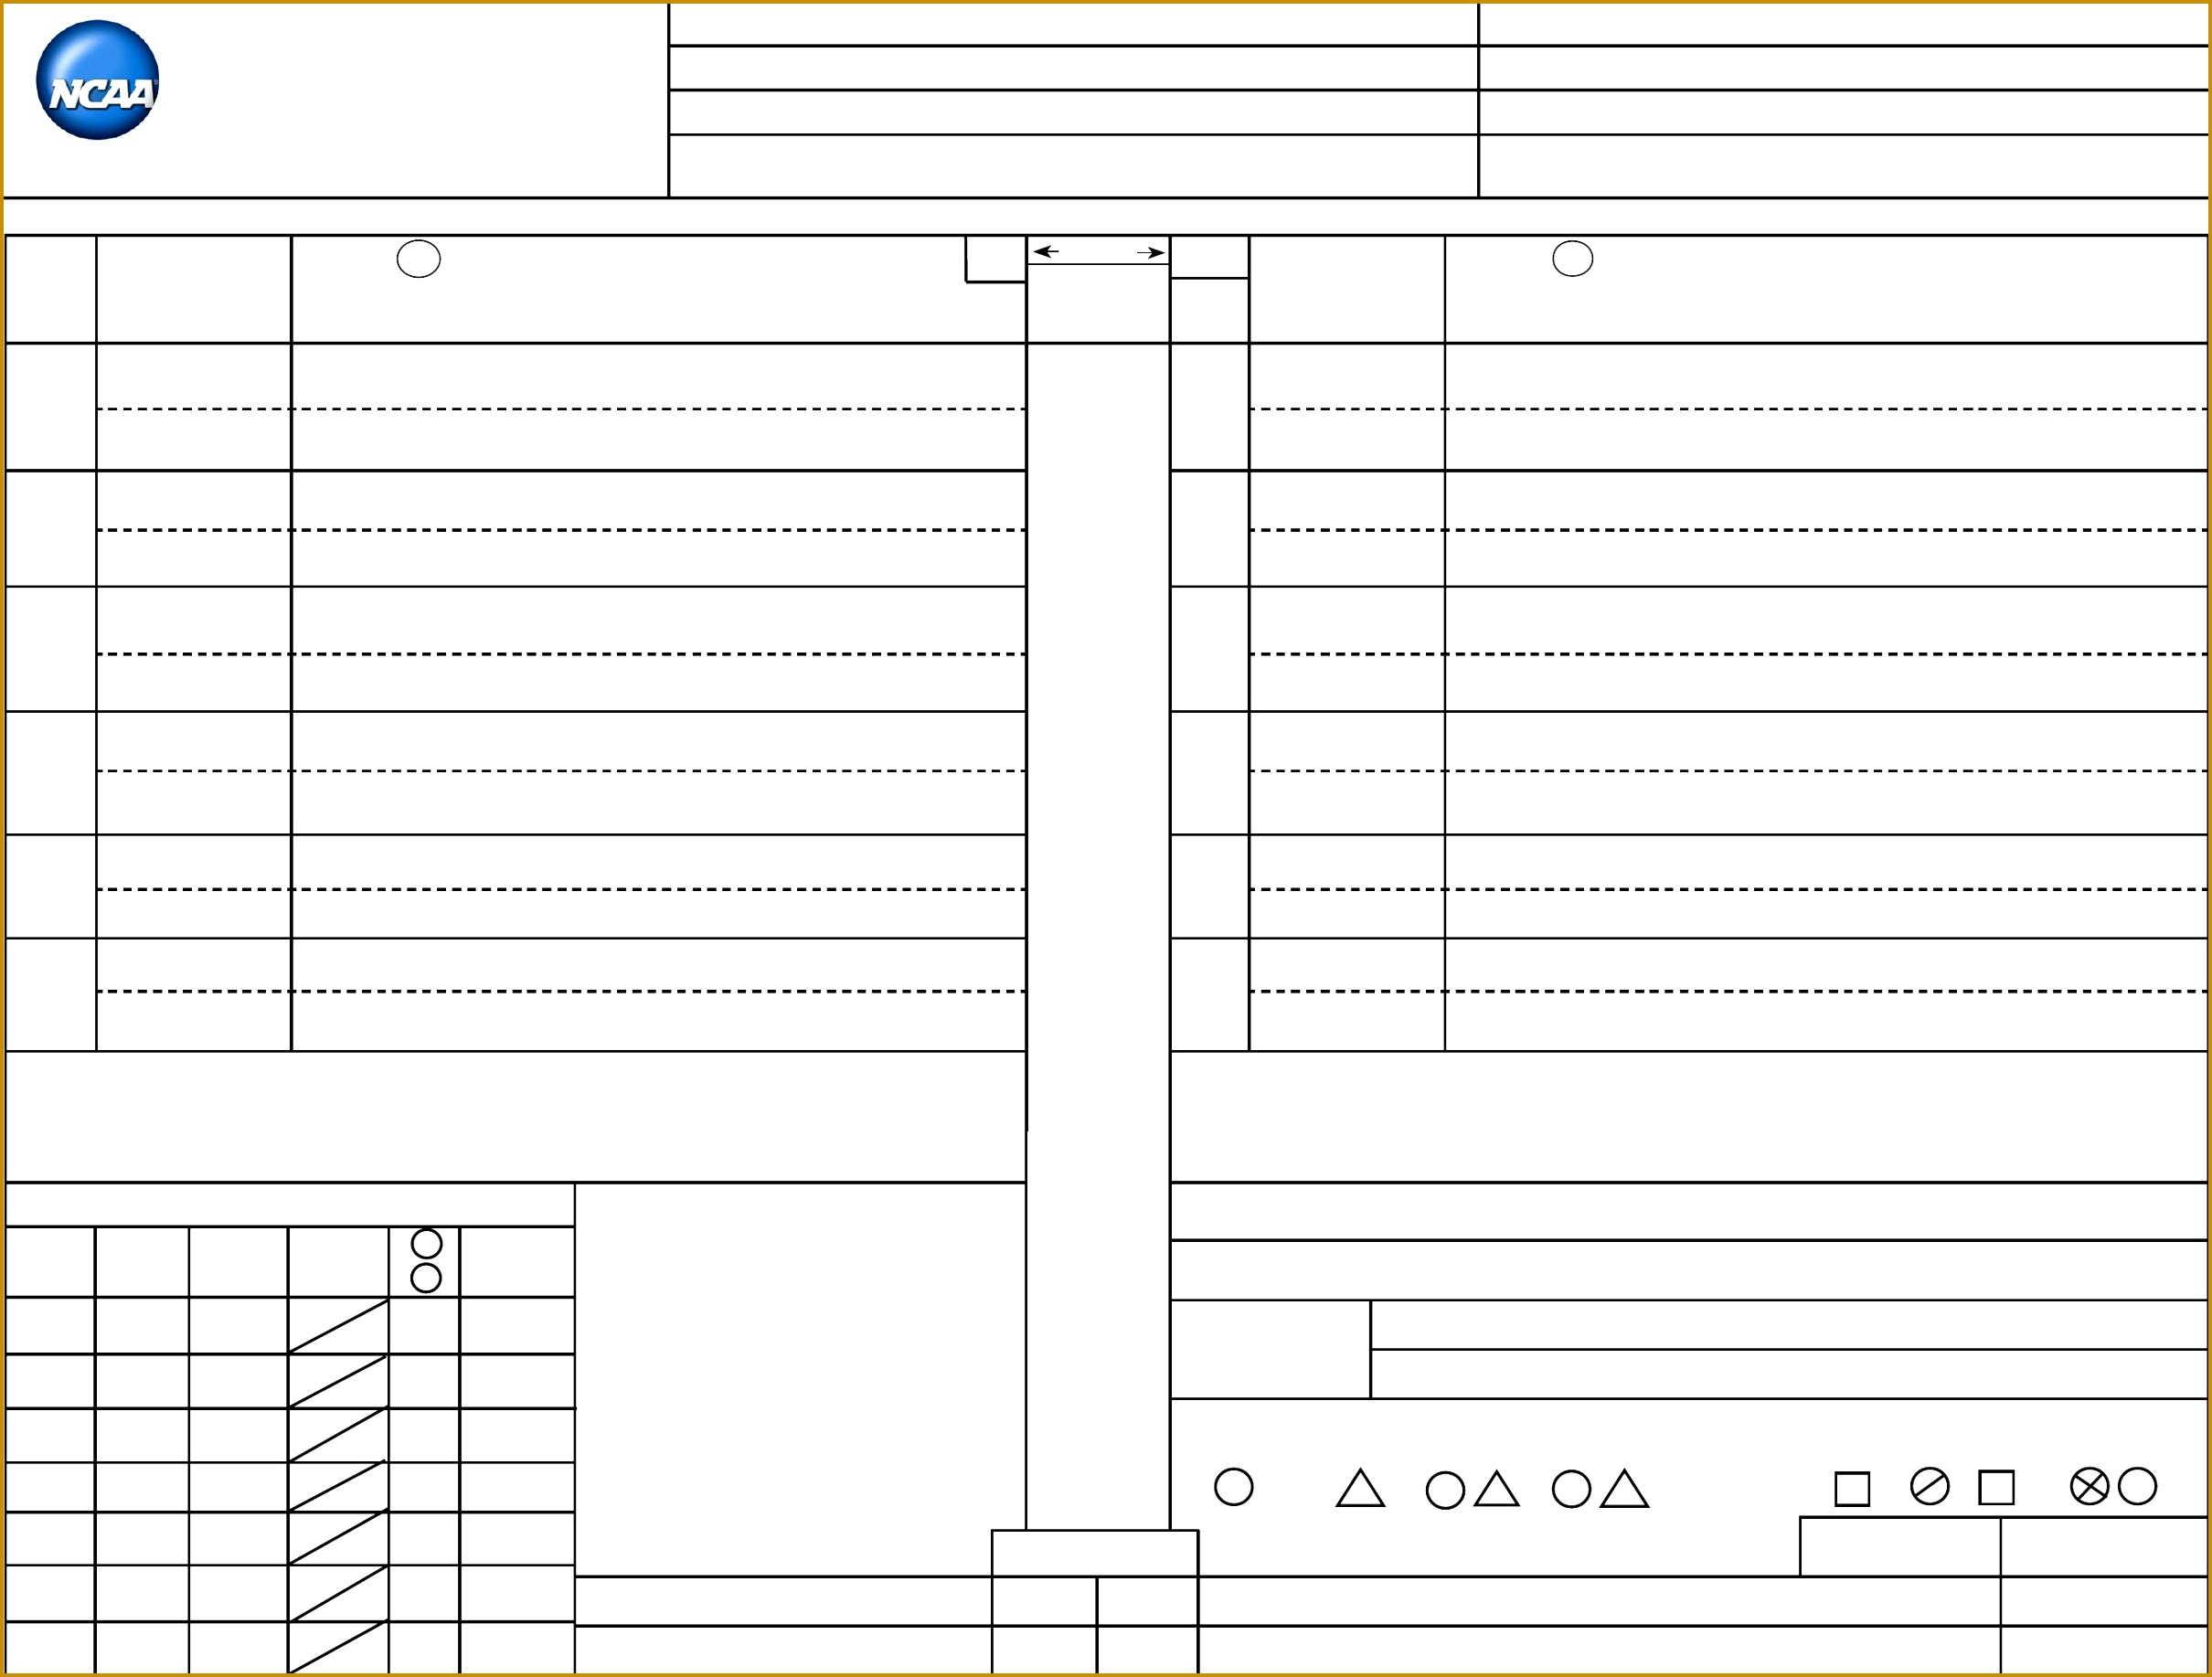 Volleyball Score Sheet Template 18352420